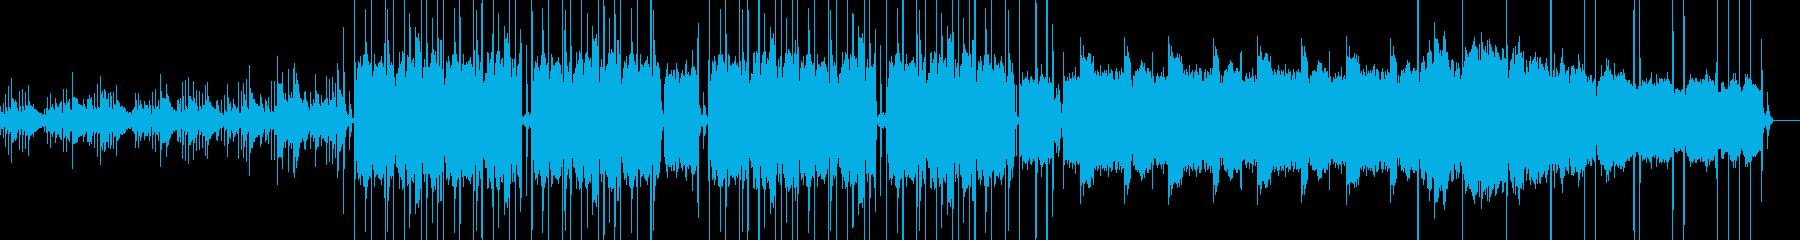 落ち着いたLoFiな曲の再生済みの波形